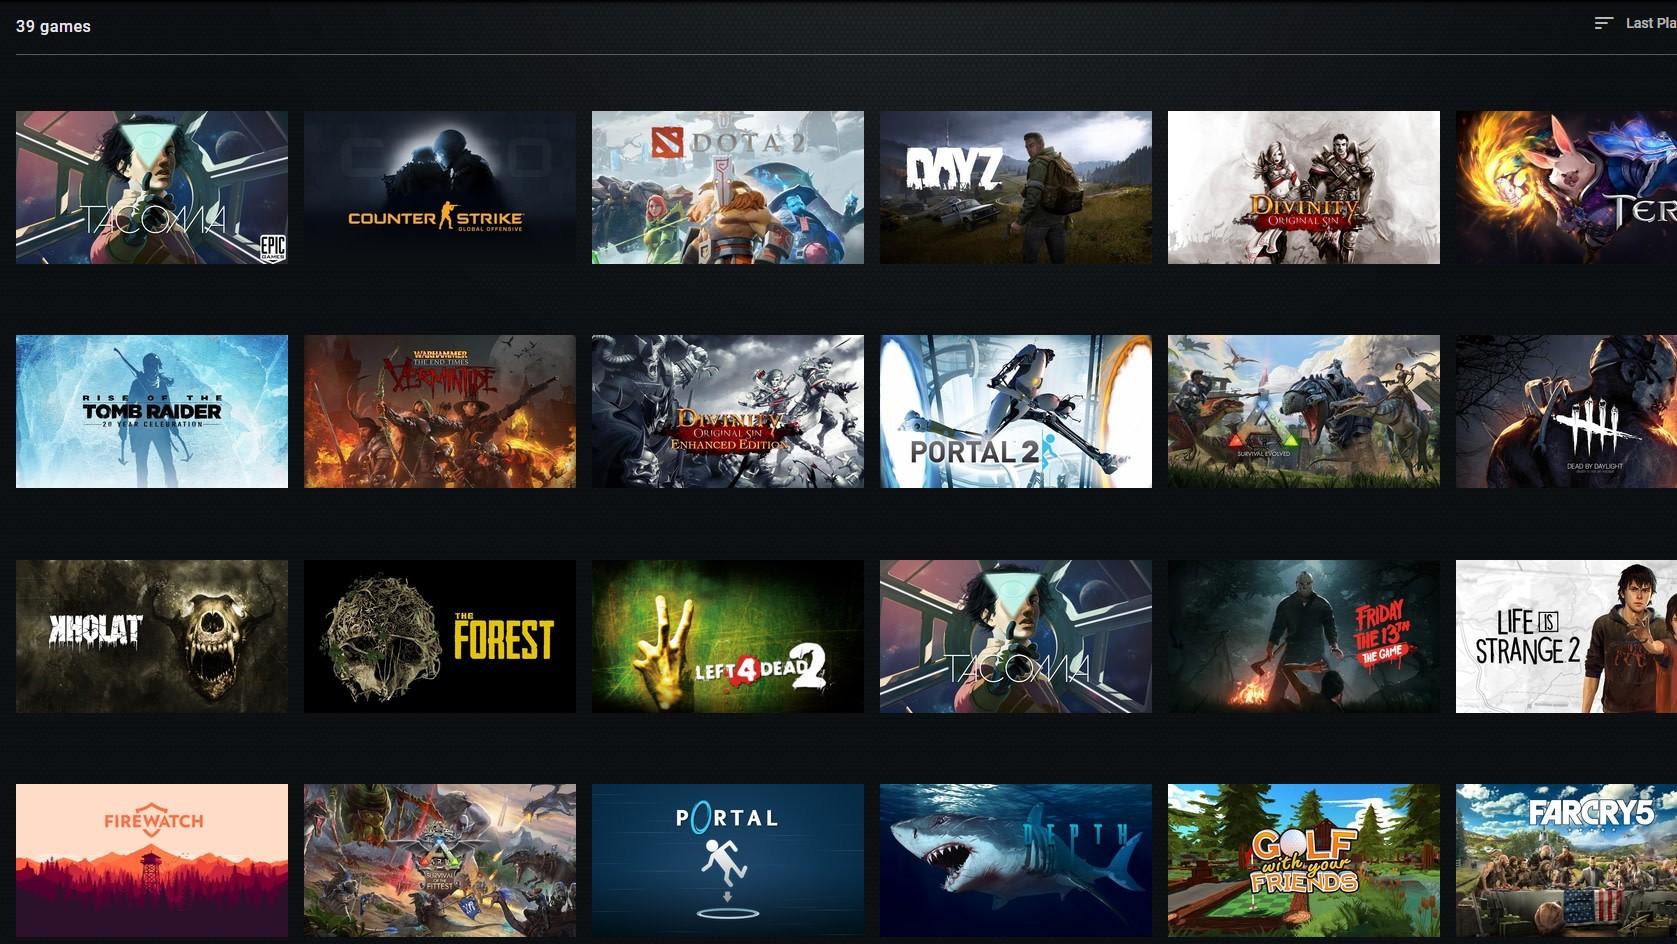 Nvidia GeForce Now: Λειτουργία Game Sync για αυτόματη σύνδεση με τα παιχνίδια του Steam